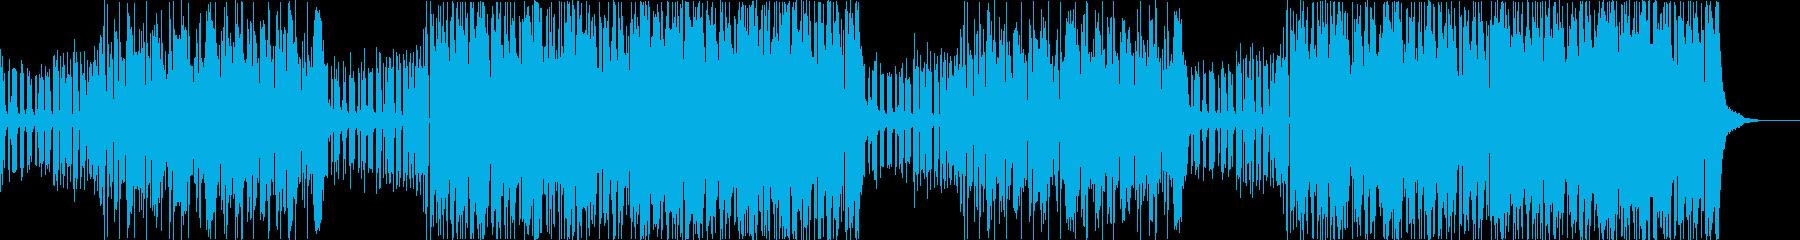 2つのジャンルを繰り返すEDMの再生済みの波形